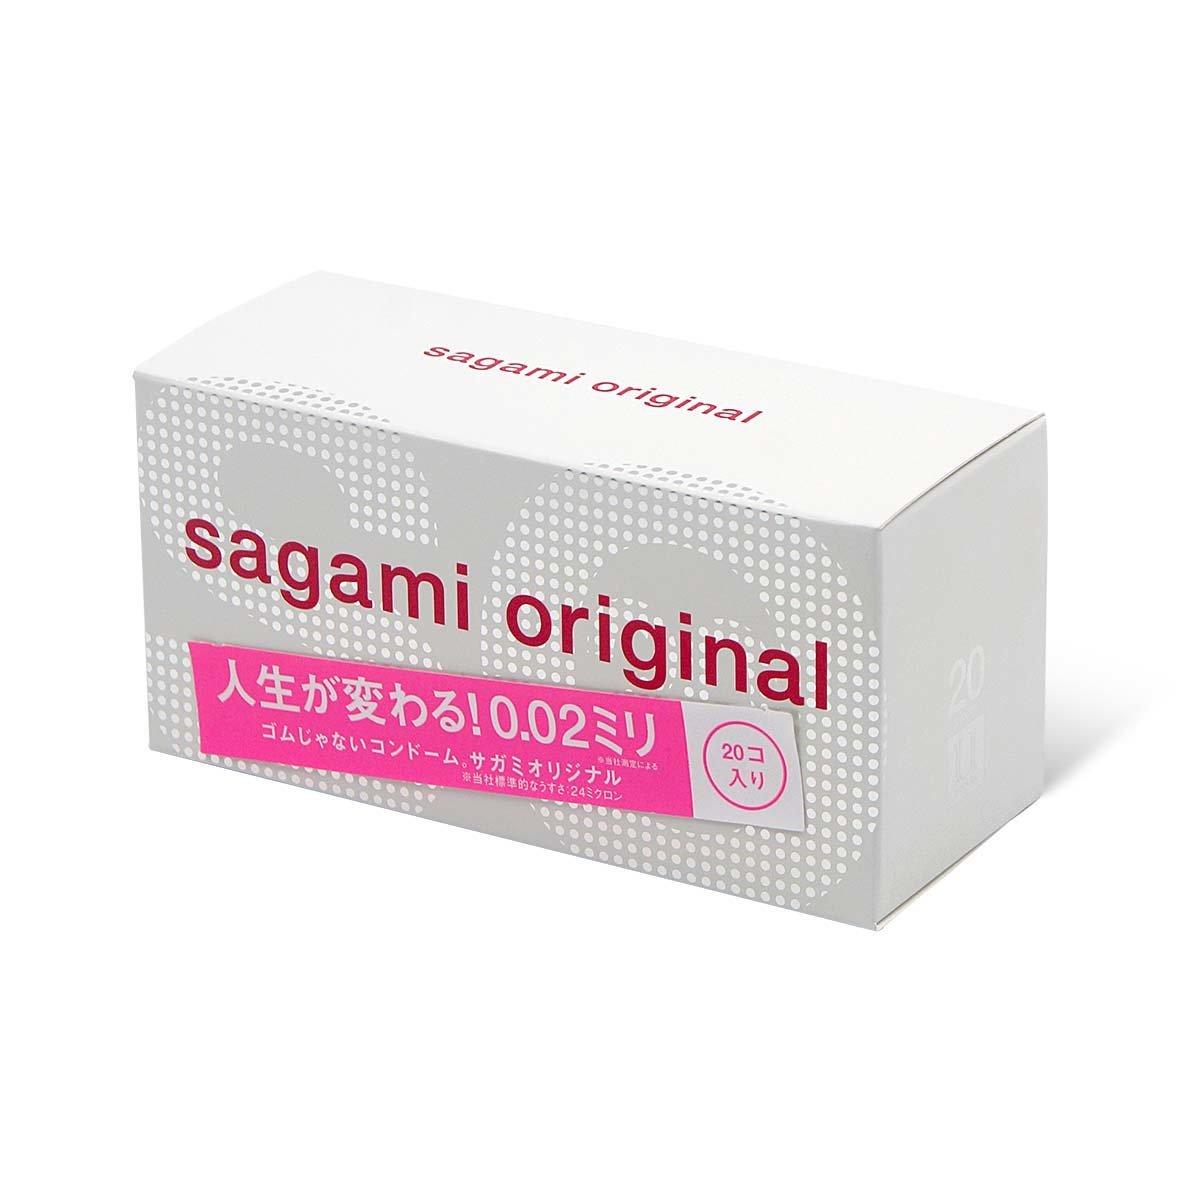 【20片裝】SAGAMI ORIGINAL 相模原創 0.02 (第二代) 安全套